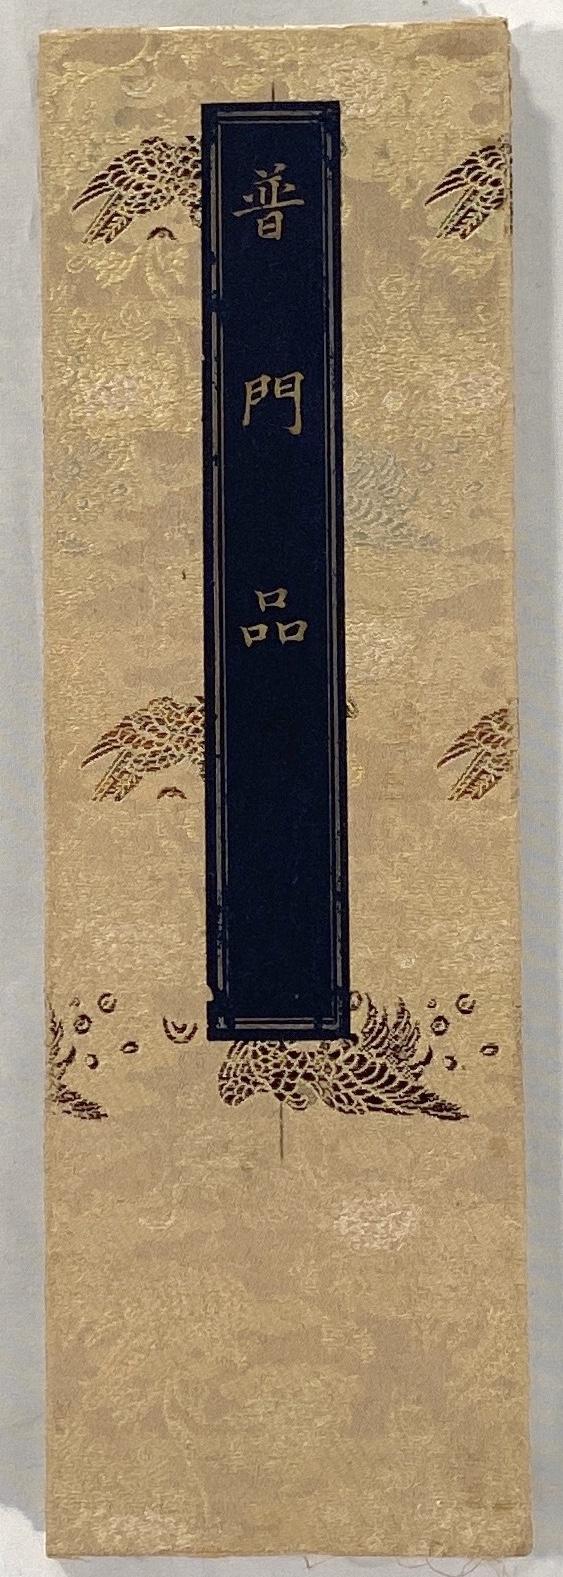 10328十八/十九世紀 紺紙銀泥 普門品 第二十五24.3×7.6cm